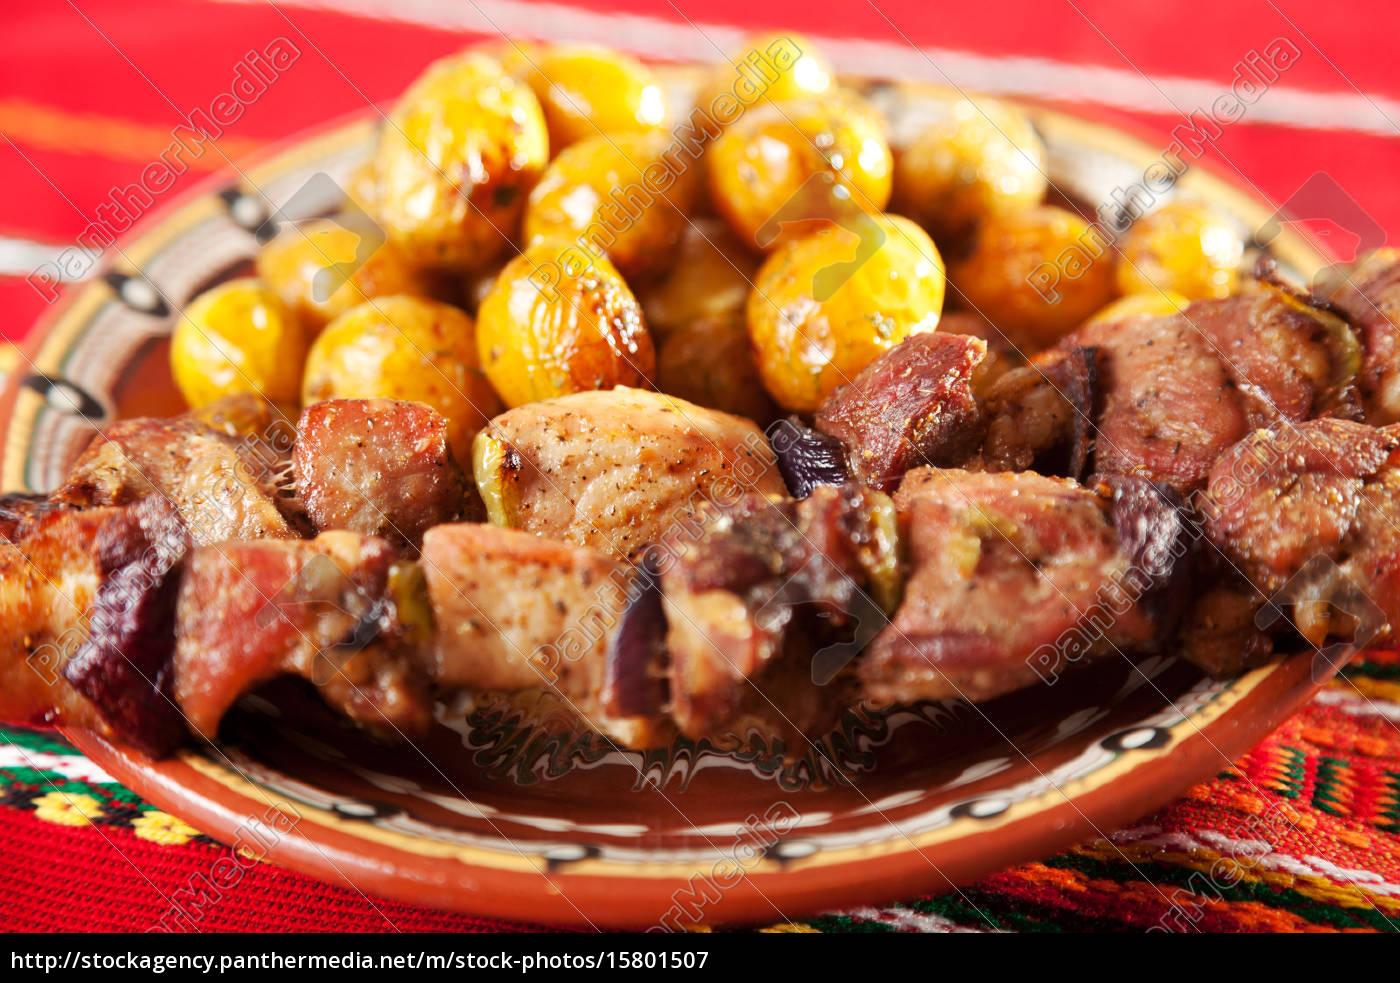 pork, skewer, with, potatos, pork, skewer, with - 15801507